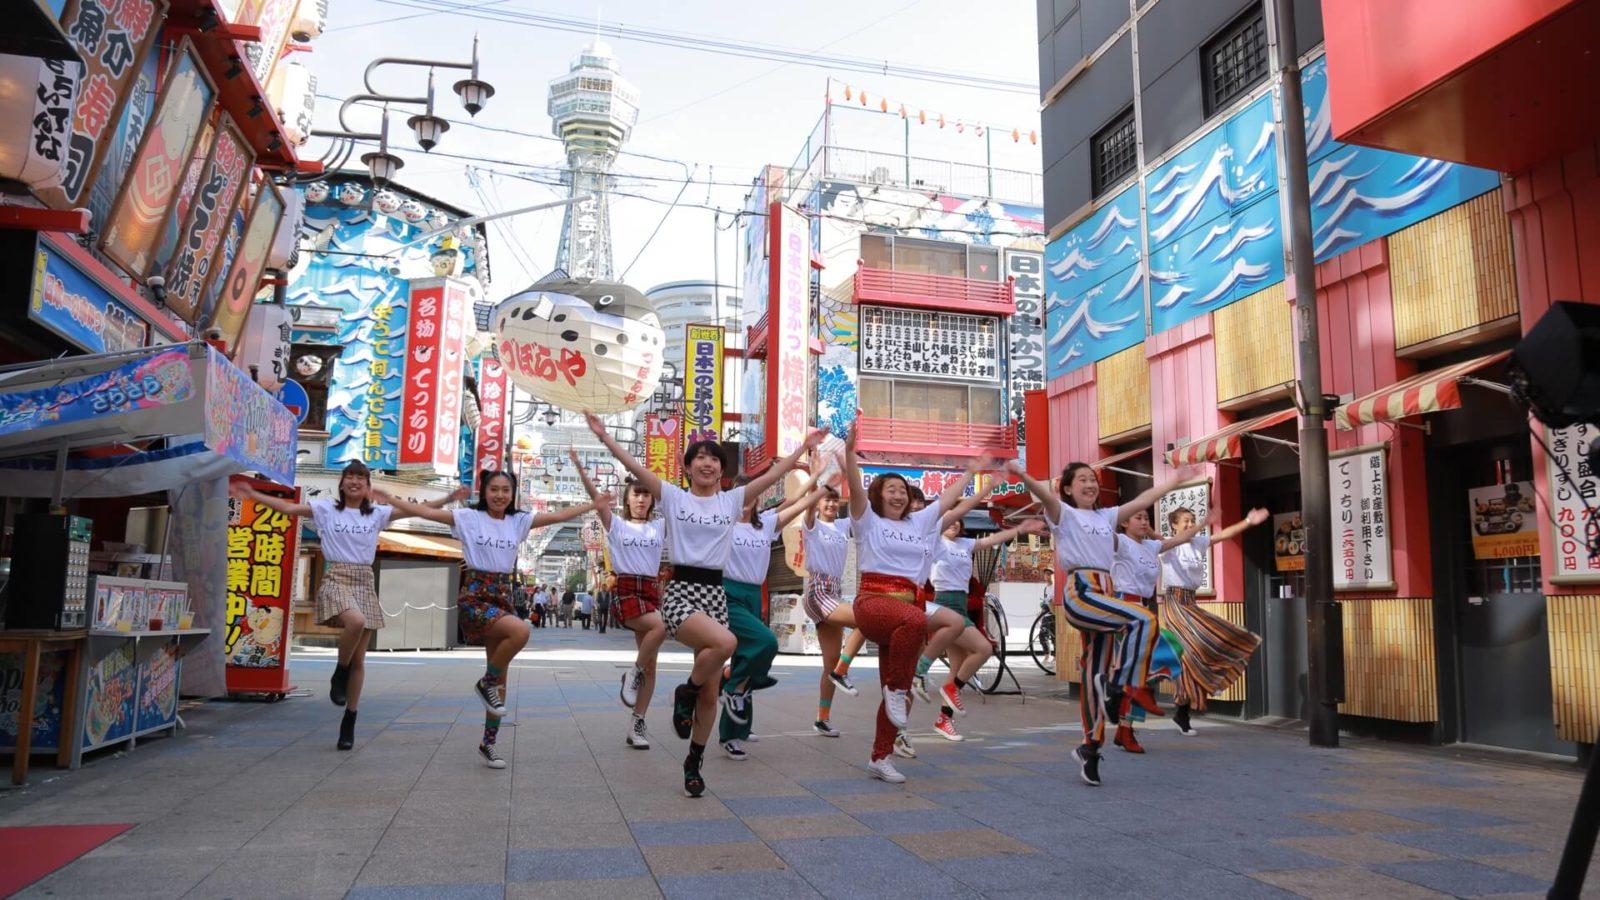 2025年、万博を大阪で!6800万回再生を超えるバブリーダンスを作成したアカネキカクが「万博ダンス」動画をリリースサムネイル画像